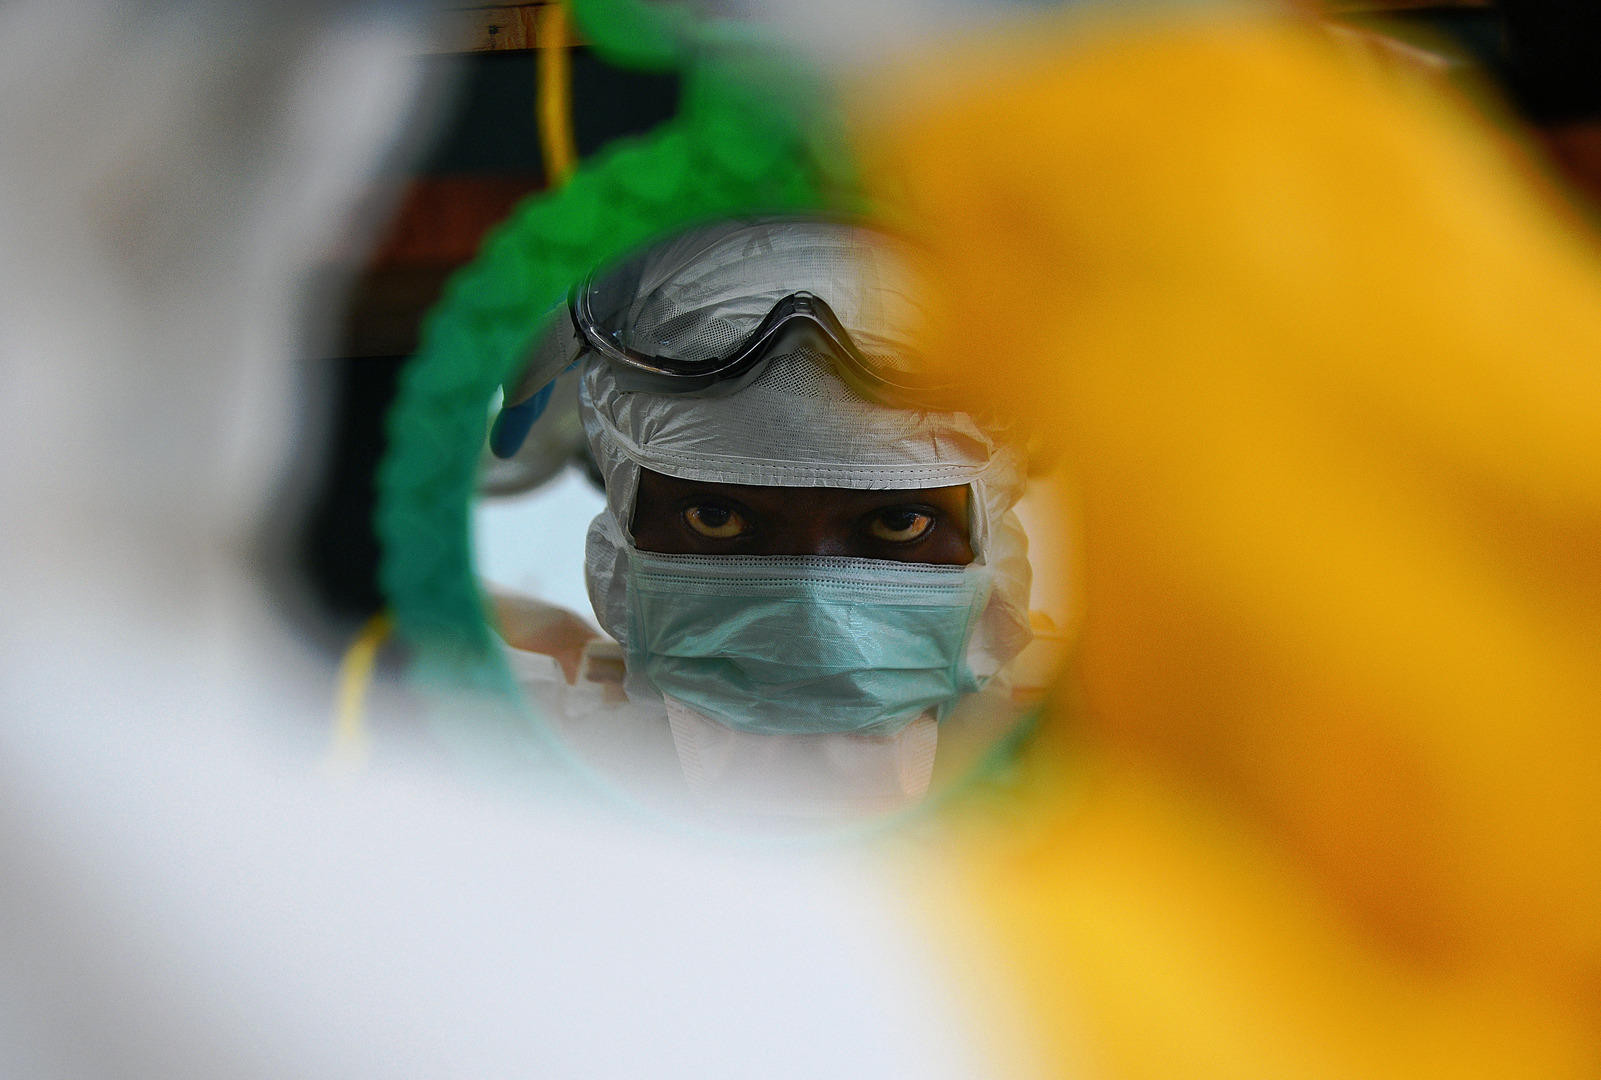 رئيس مكتب منظمة الصحة العالمية في غينيا يحدد صلة كورونا بـ